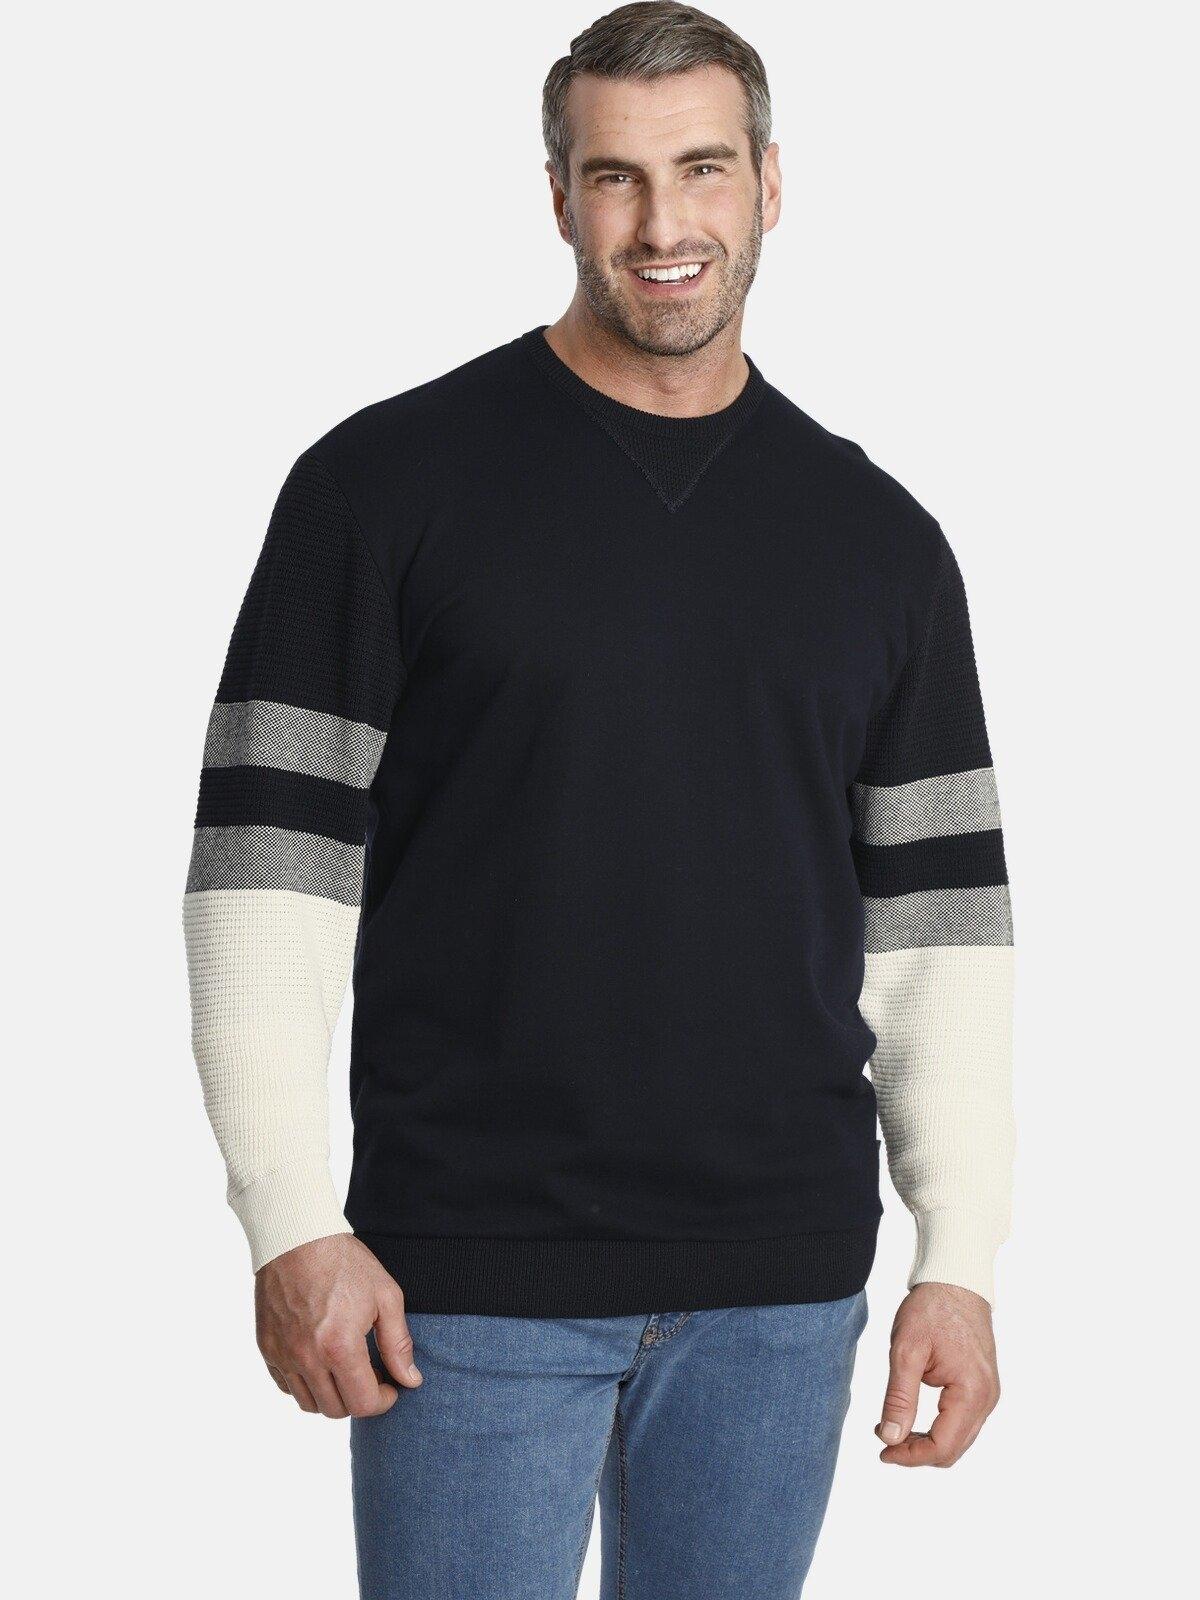 Charles Colby sweatshirt EARL JIM Mix van sweatstof en breisel online kopen op otto.nl